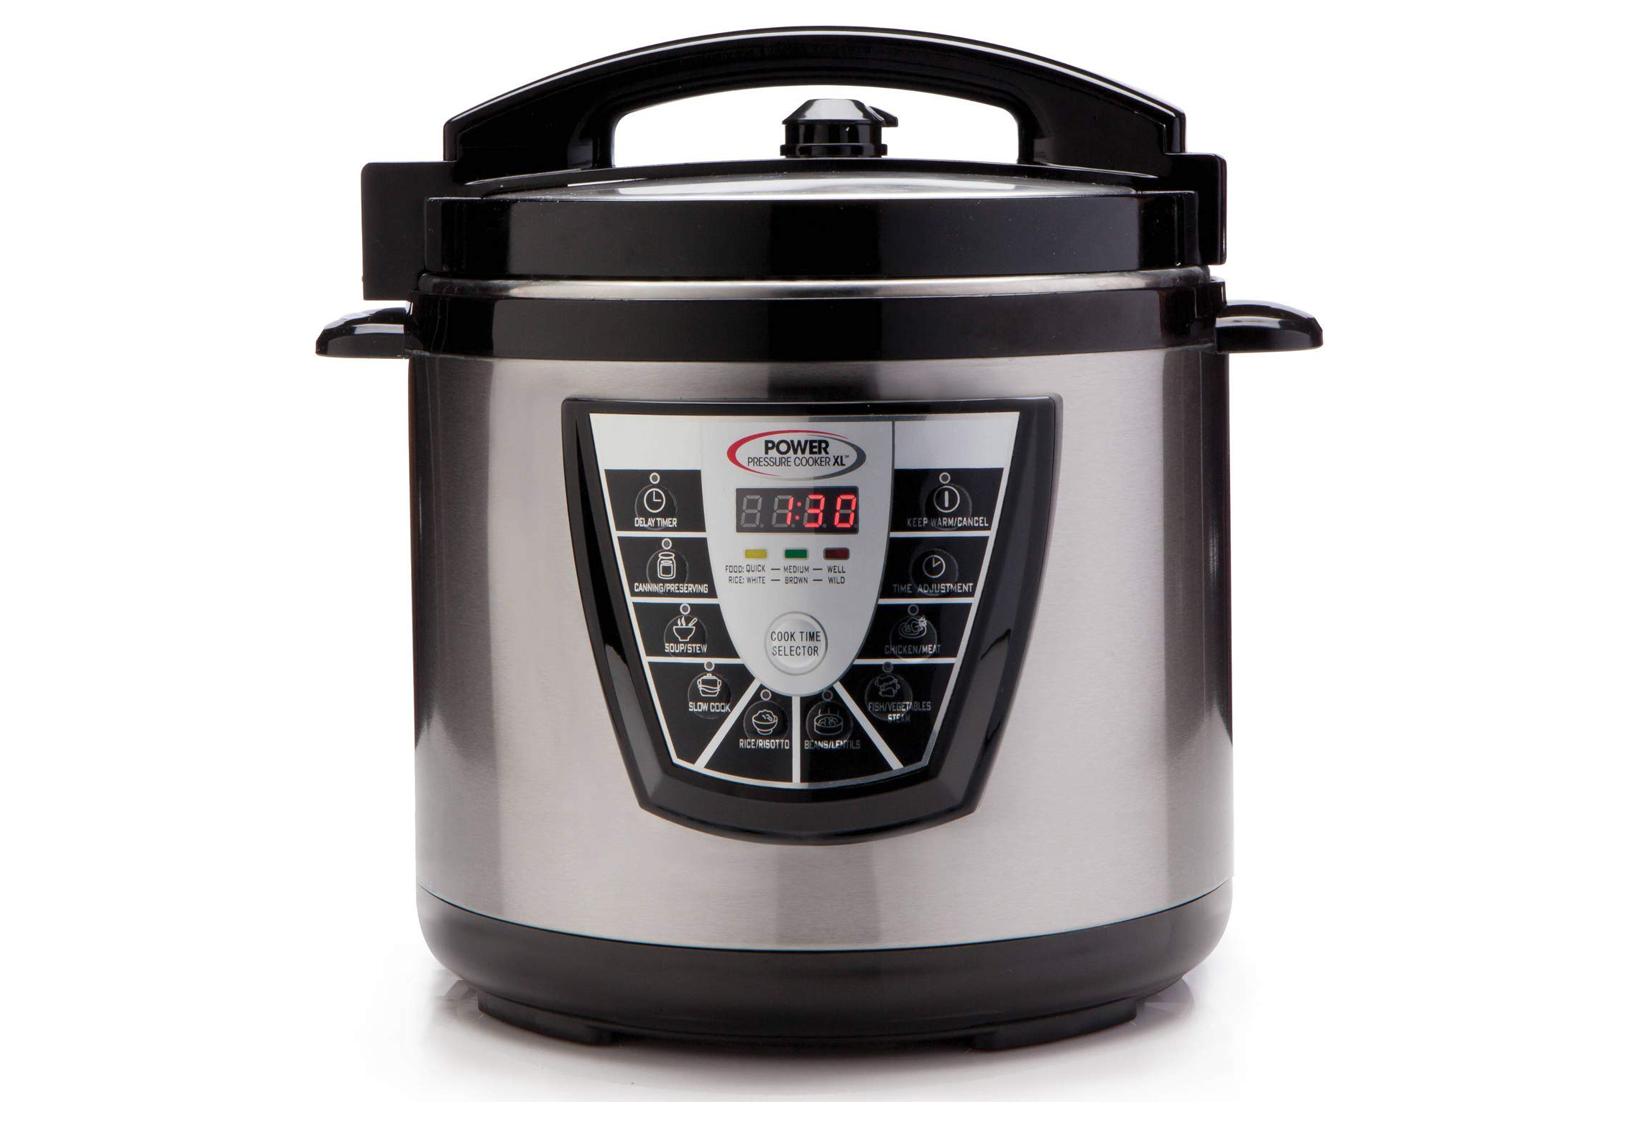 This model has a massive ten quart cooking capacity.